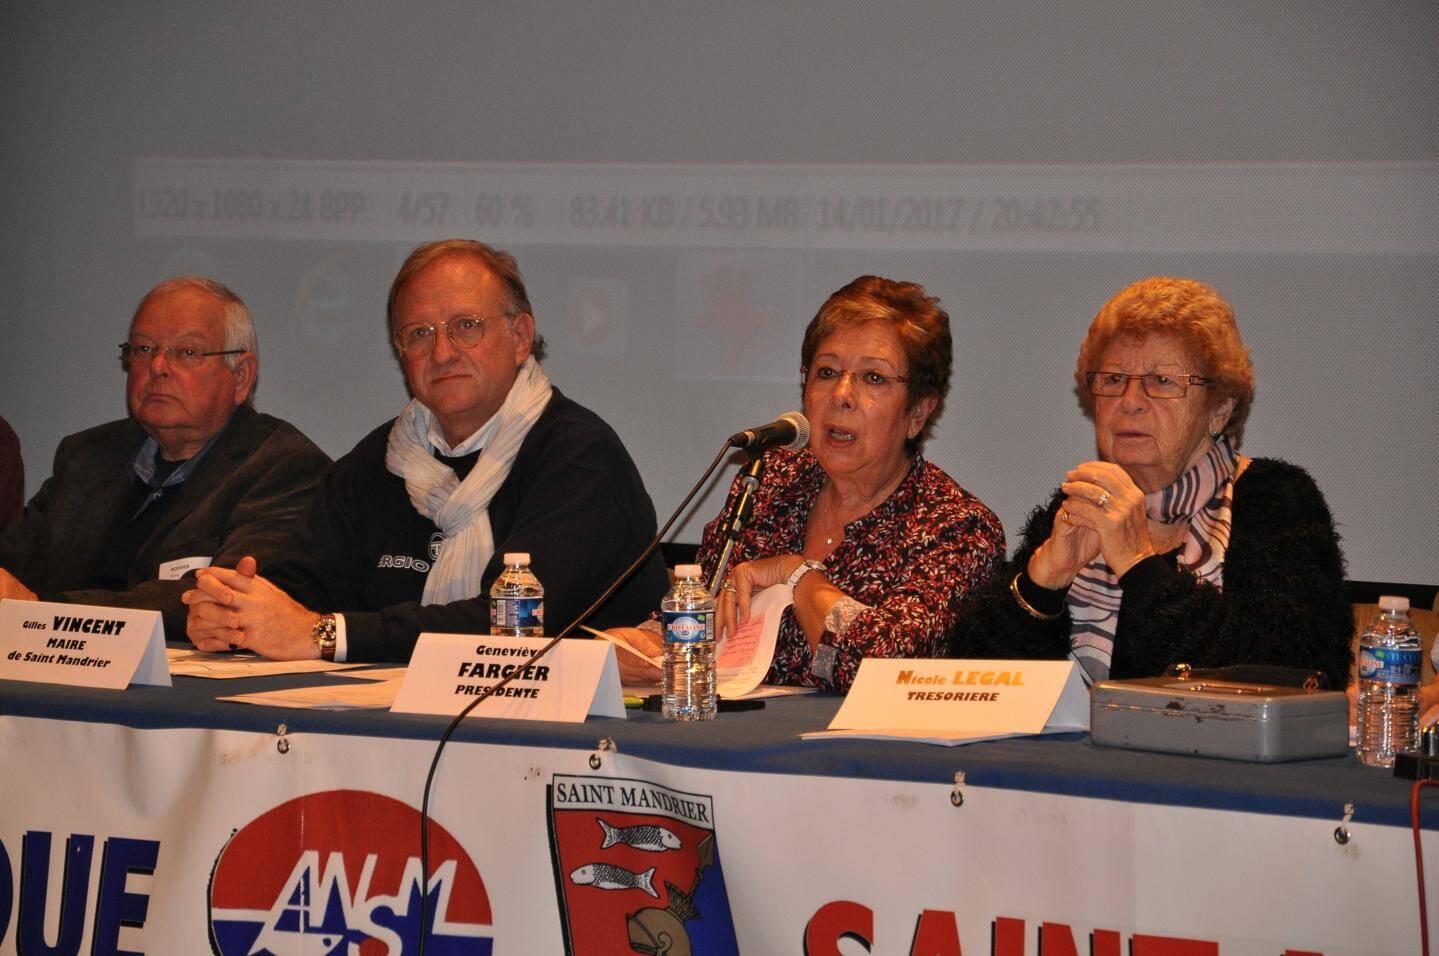 Rémy Bouvier, l'élu Michel Marin (représentant du maire Gilles Vincent), Geneviève Fargier, présidente sortante, et Nicole Legal, trésorière démissionnaire.